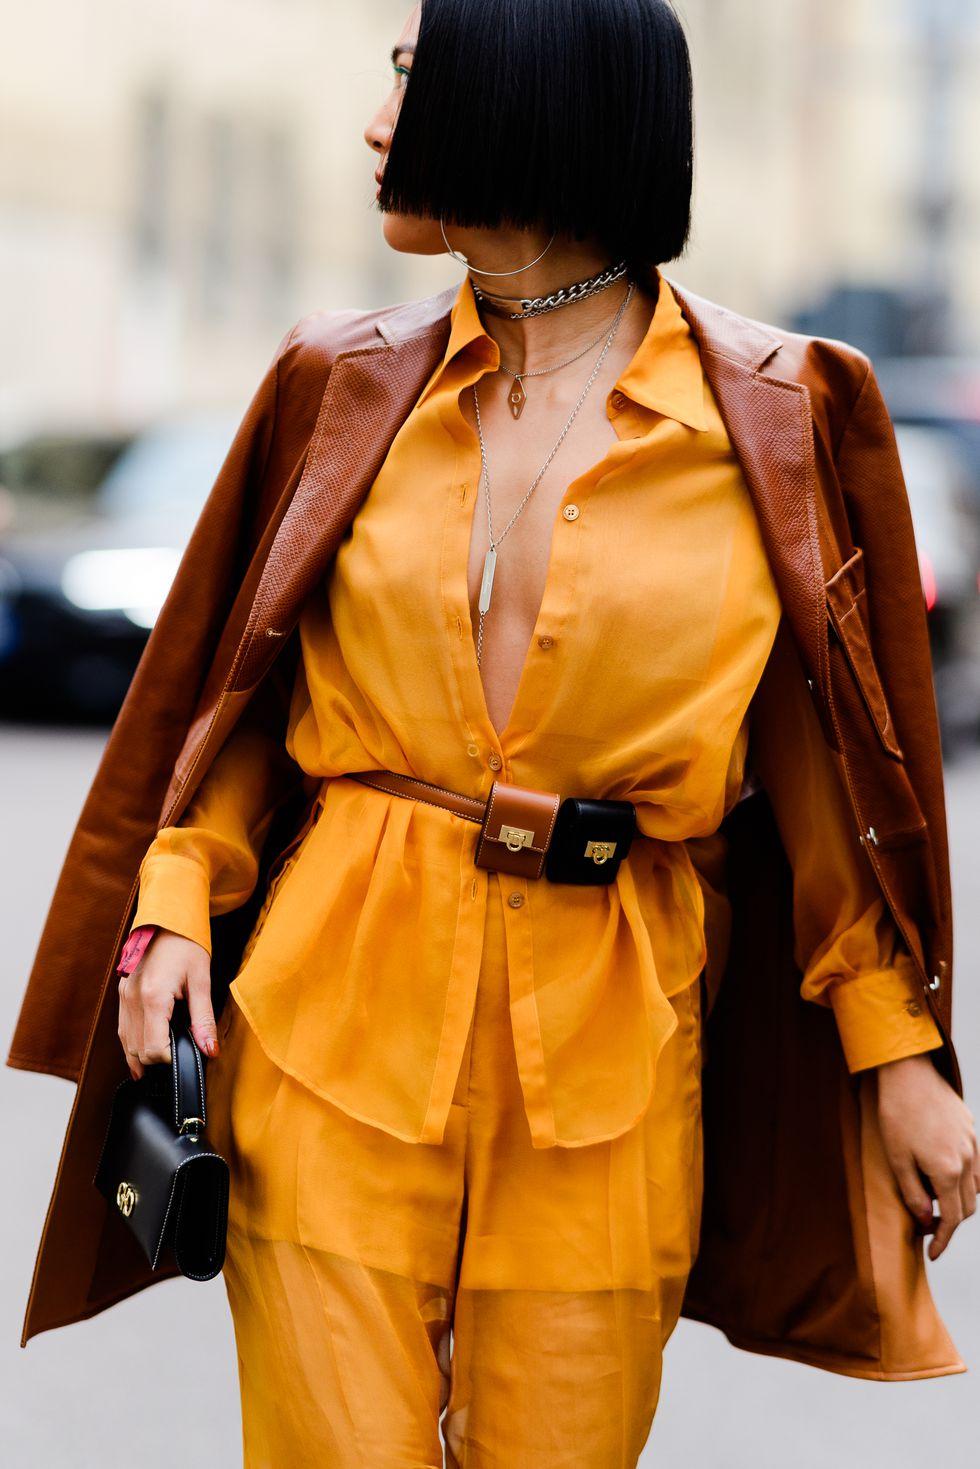 """xu hướng thời trang đường phố hứa hẹn sẽ """"khuấy động"""" làng mốt 9"""